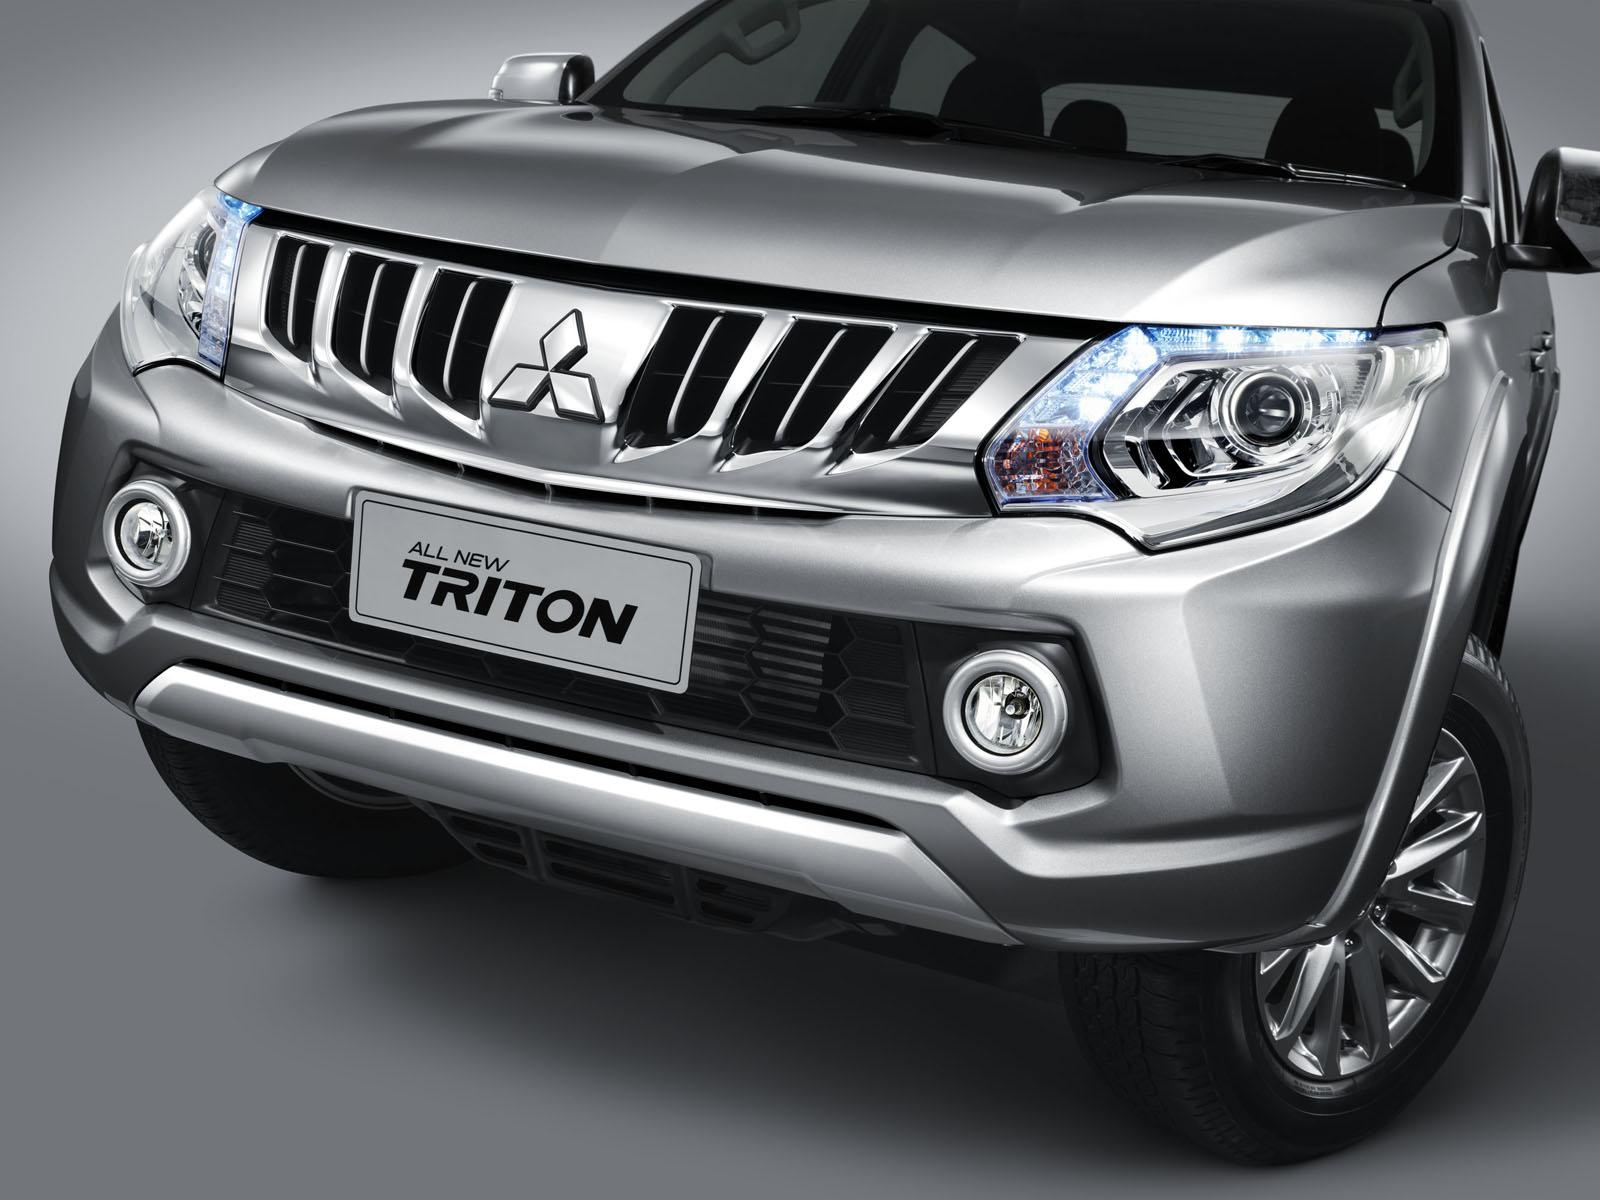 Ngoại thất Mitsubishi Triton 2015 khá bắt mắt